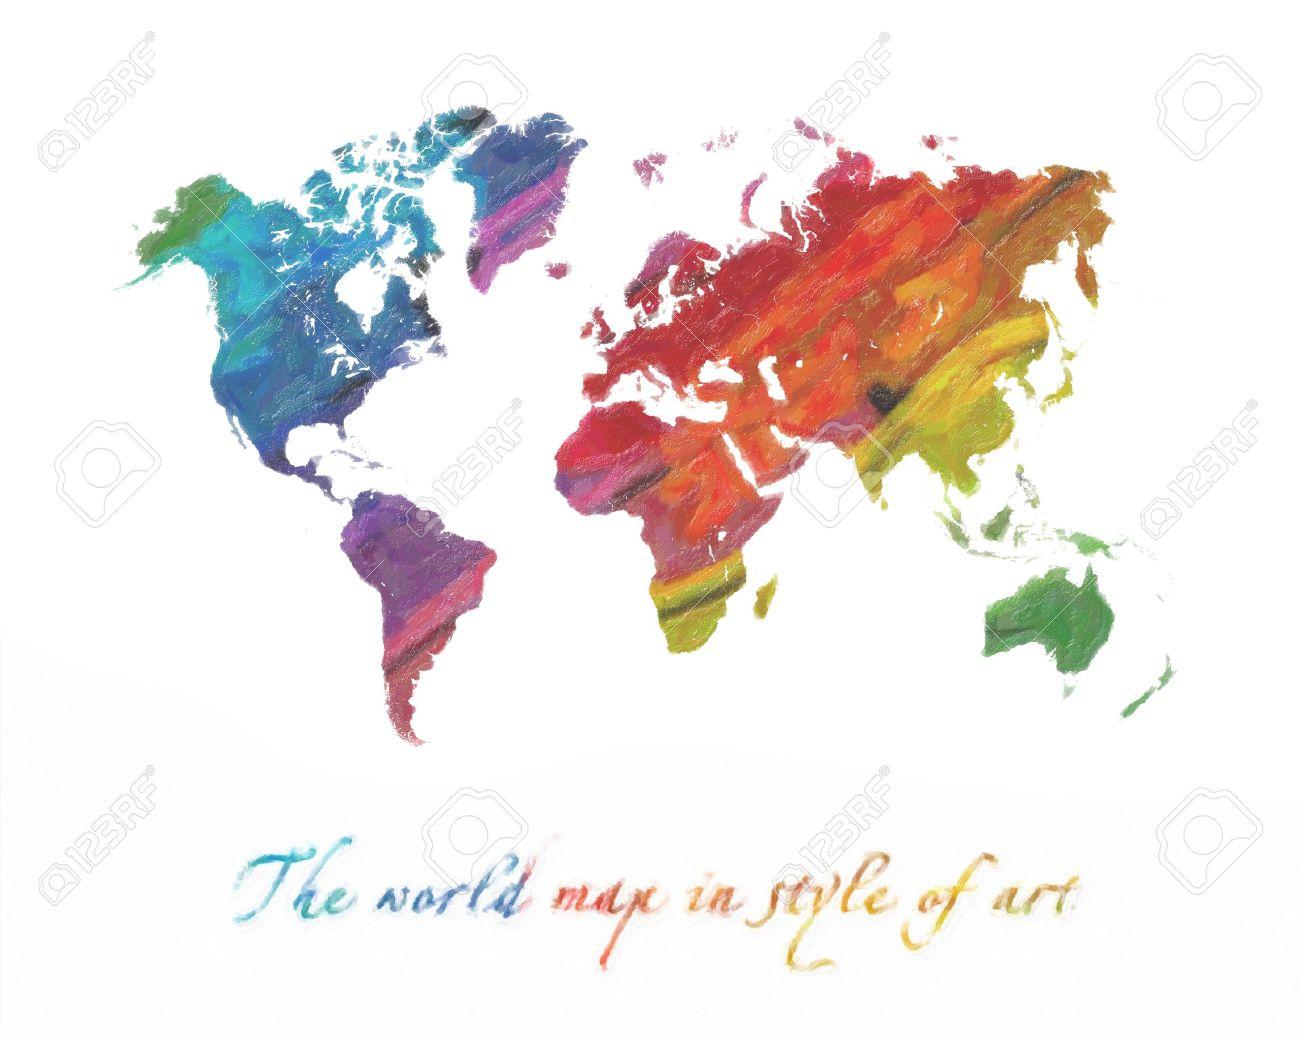 La Carte Du Monde Dans Le Style De L'art. Multi couleur Des Tons